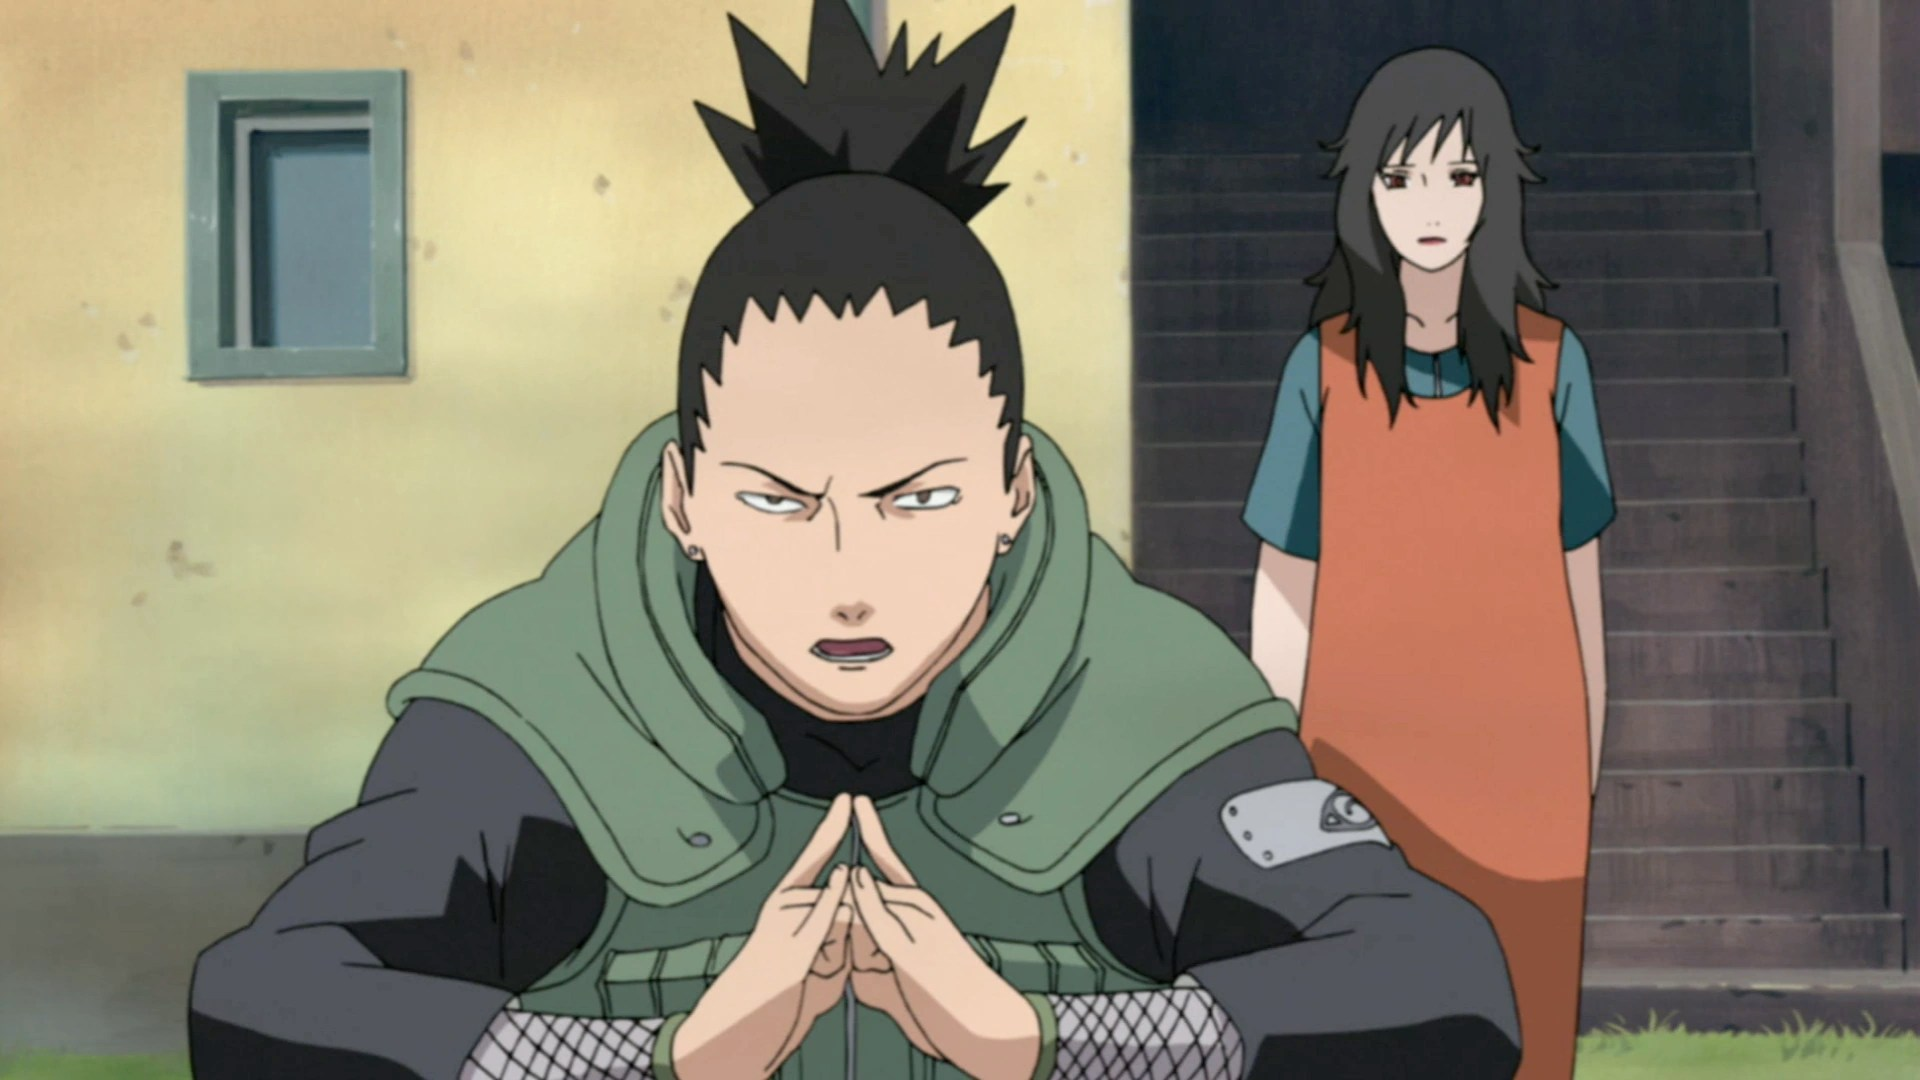 Narutonun kelime Uzumaki: dattebayo ne demektir